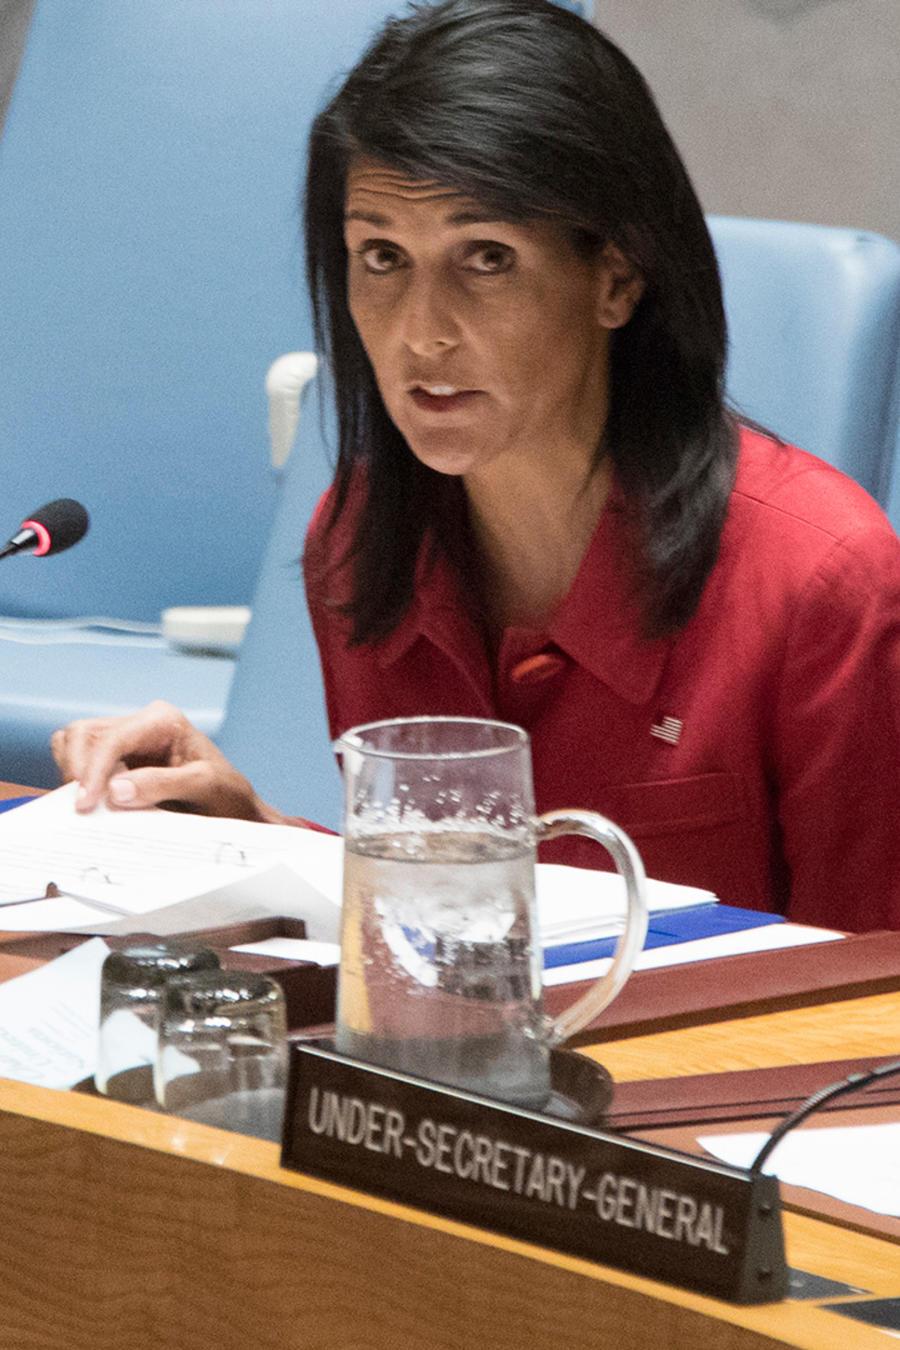 La embajadora de EEUU ante al ONU, Nikki Haley, habla en un discurso ante el Consejo de Seguridad el viernes 7 de abril del 2017